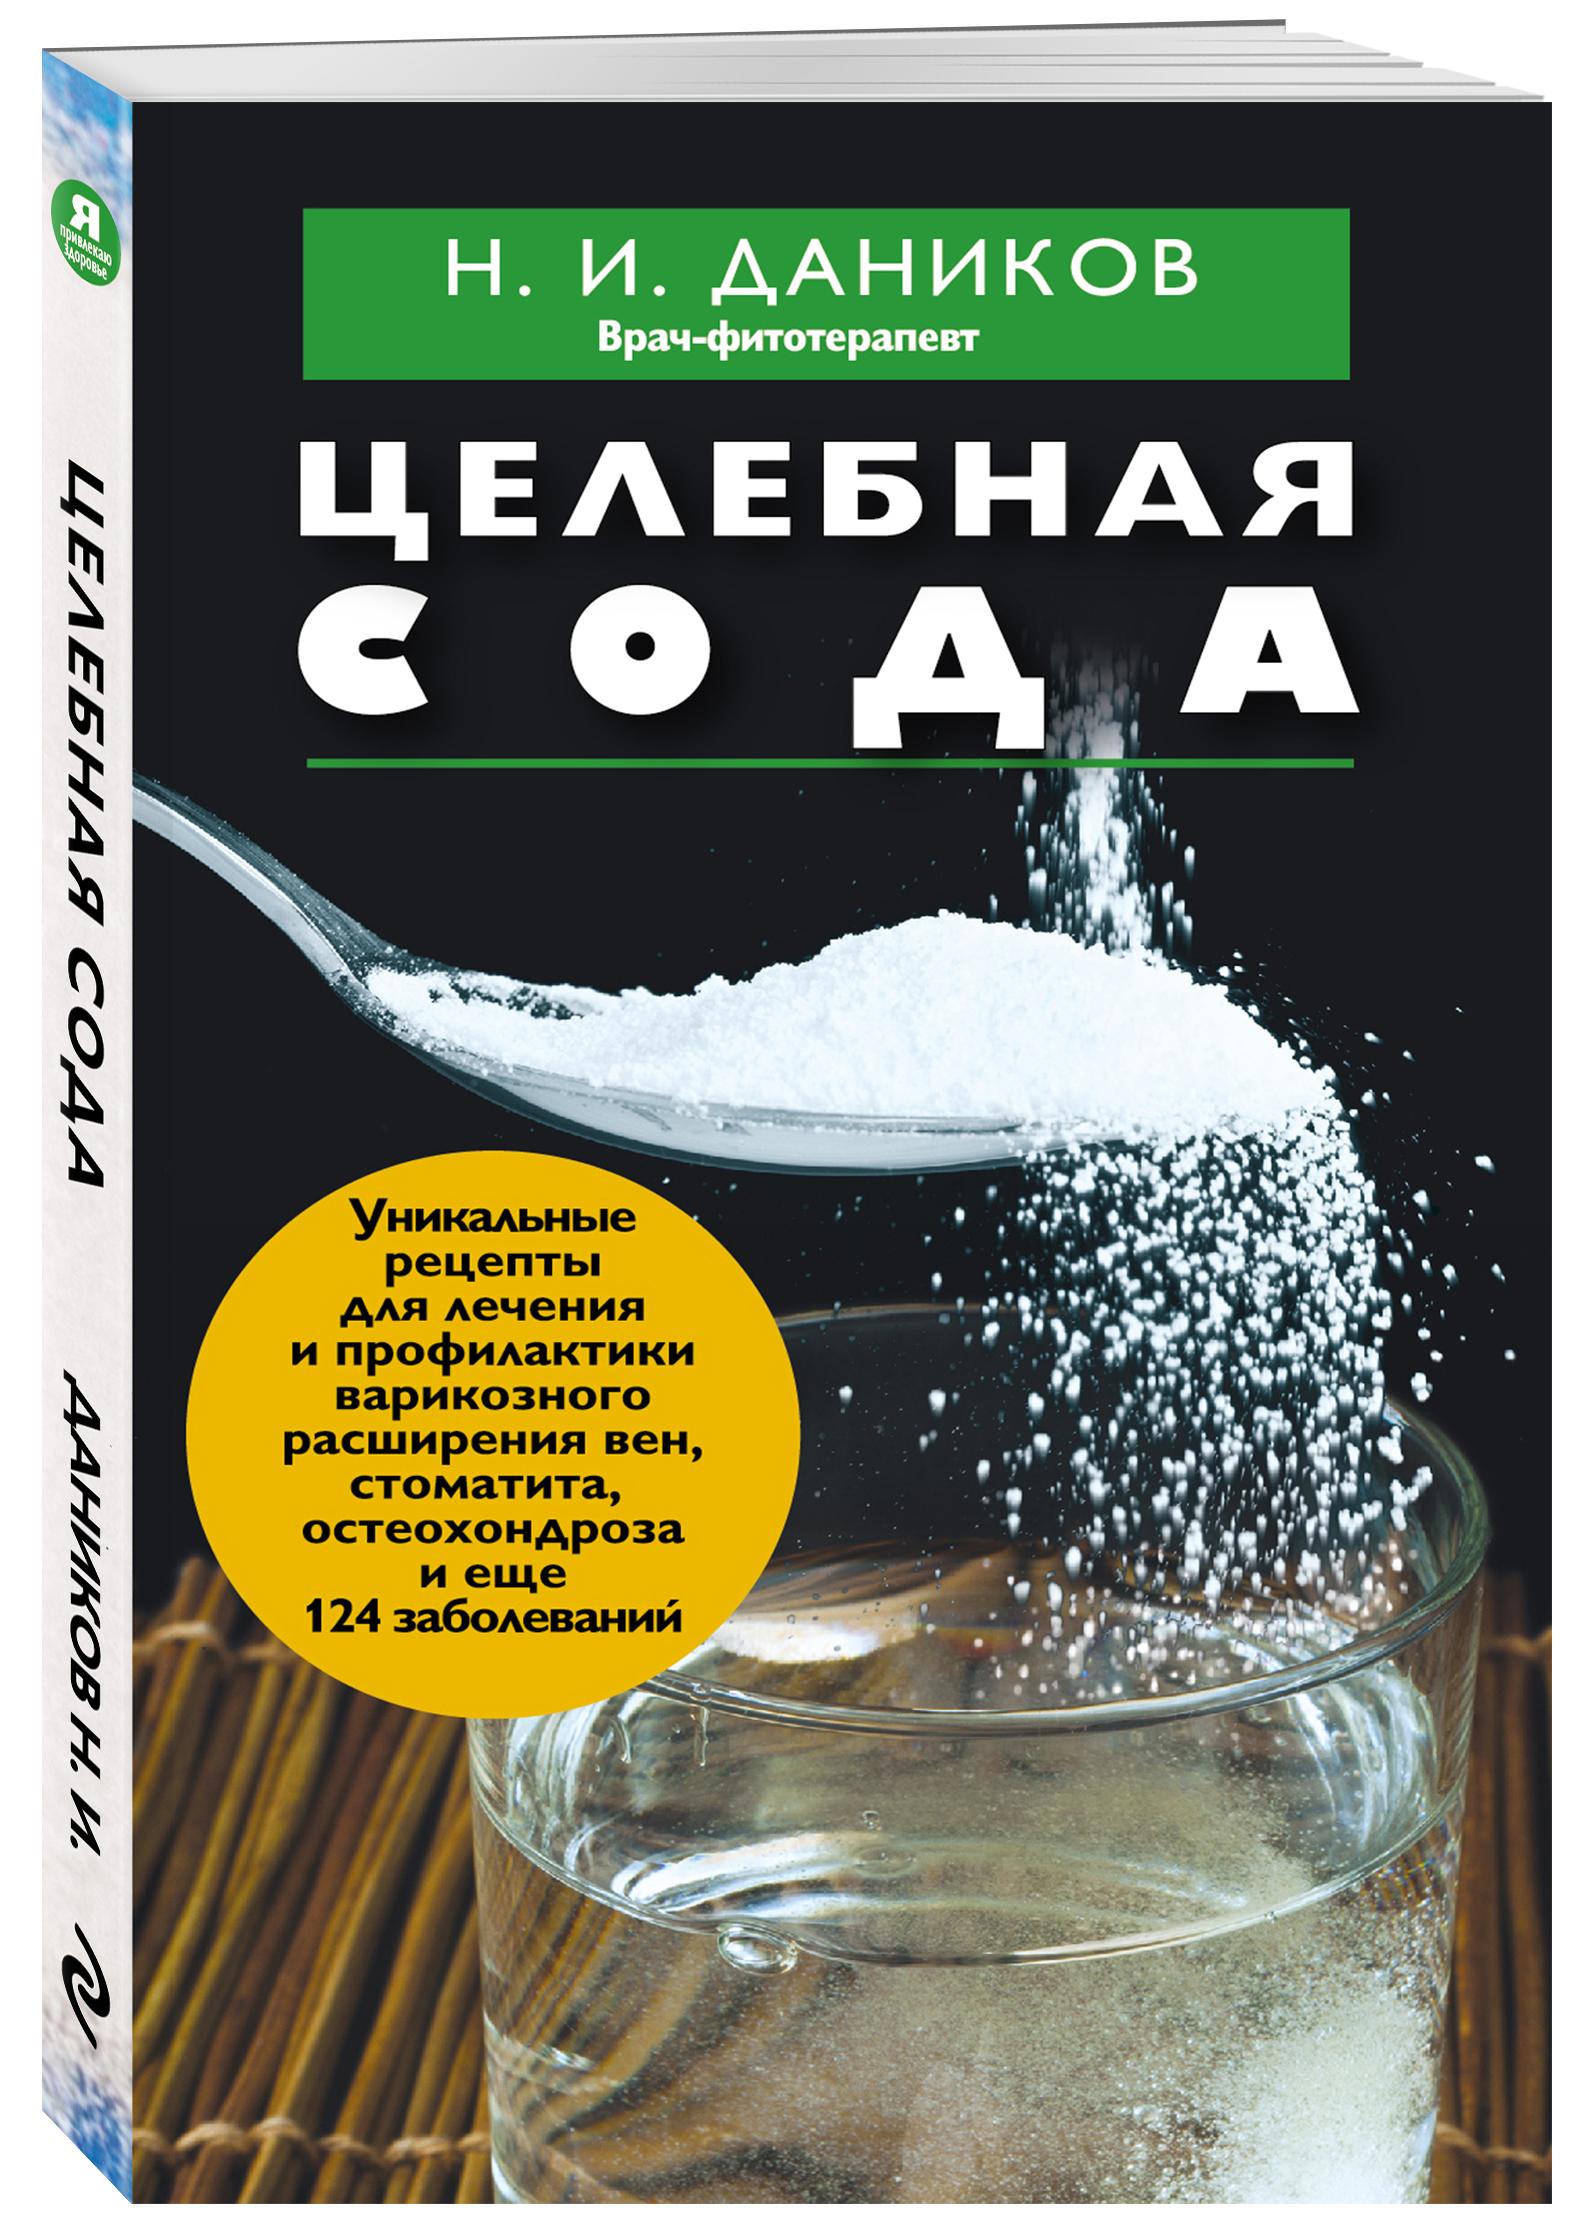 Целебная сода ( Даников Николай Илларионович  )